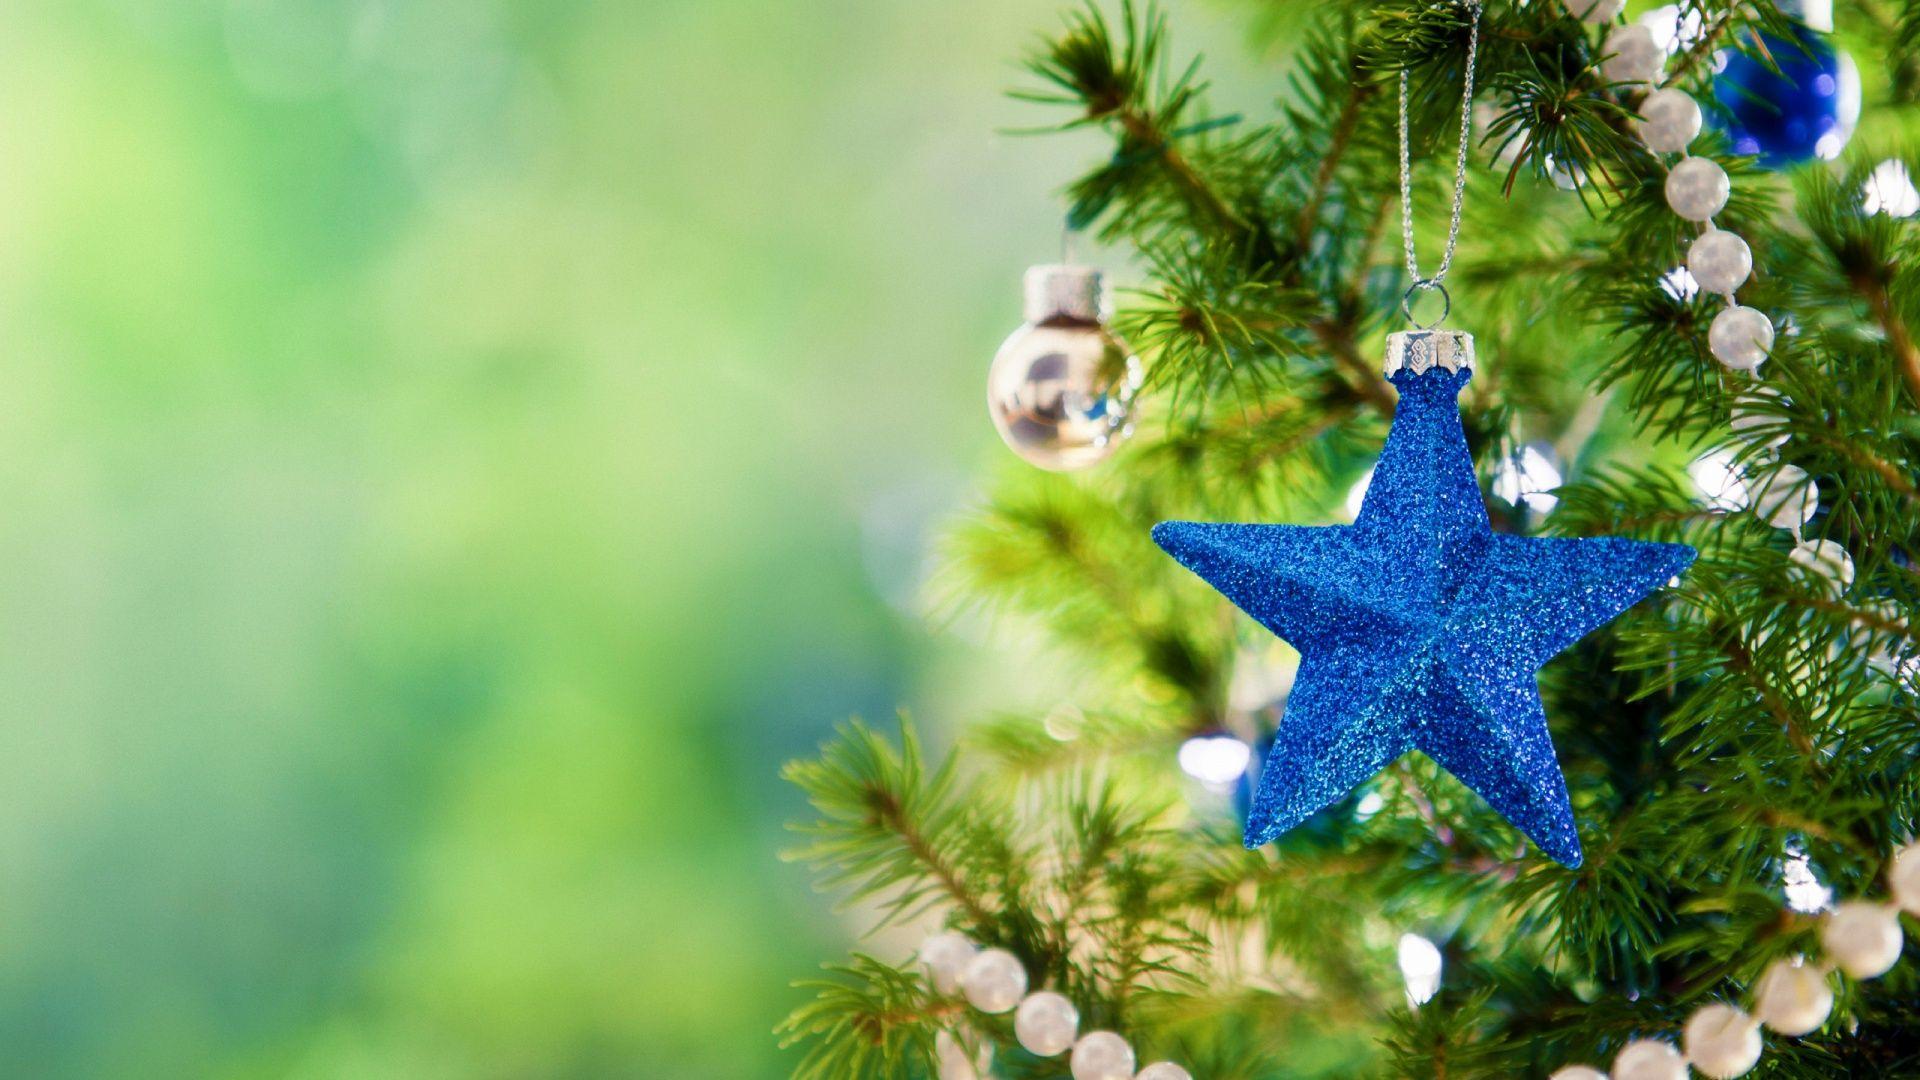 Christmas Tree Hd 1080p Wallpapers Download Fondo De Pantalla Navidad Hd Imagenes De Arbol De Navidad Fondo De Pantalla Navidad